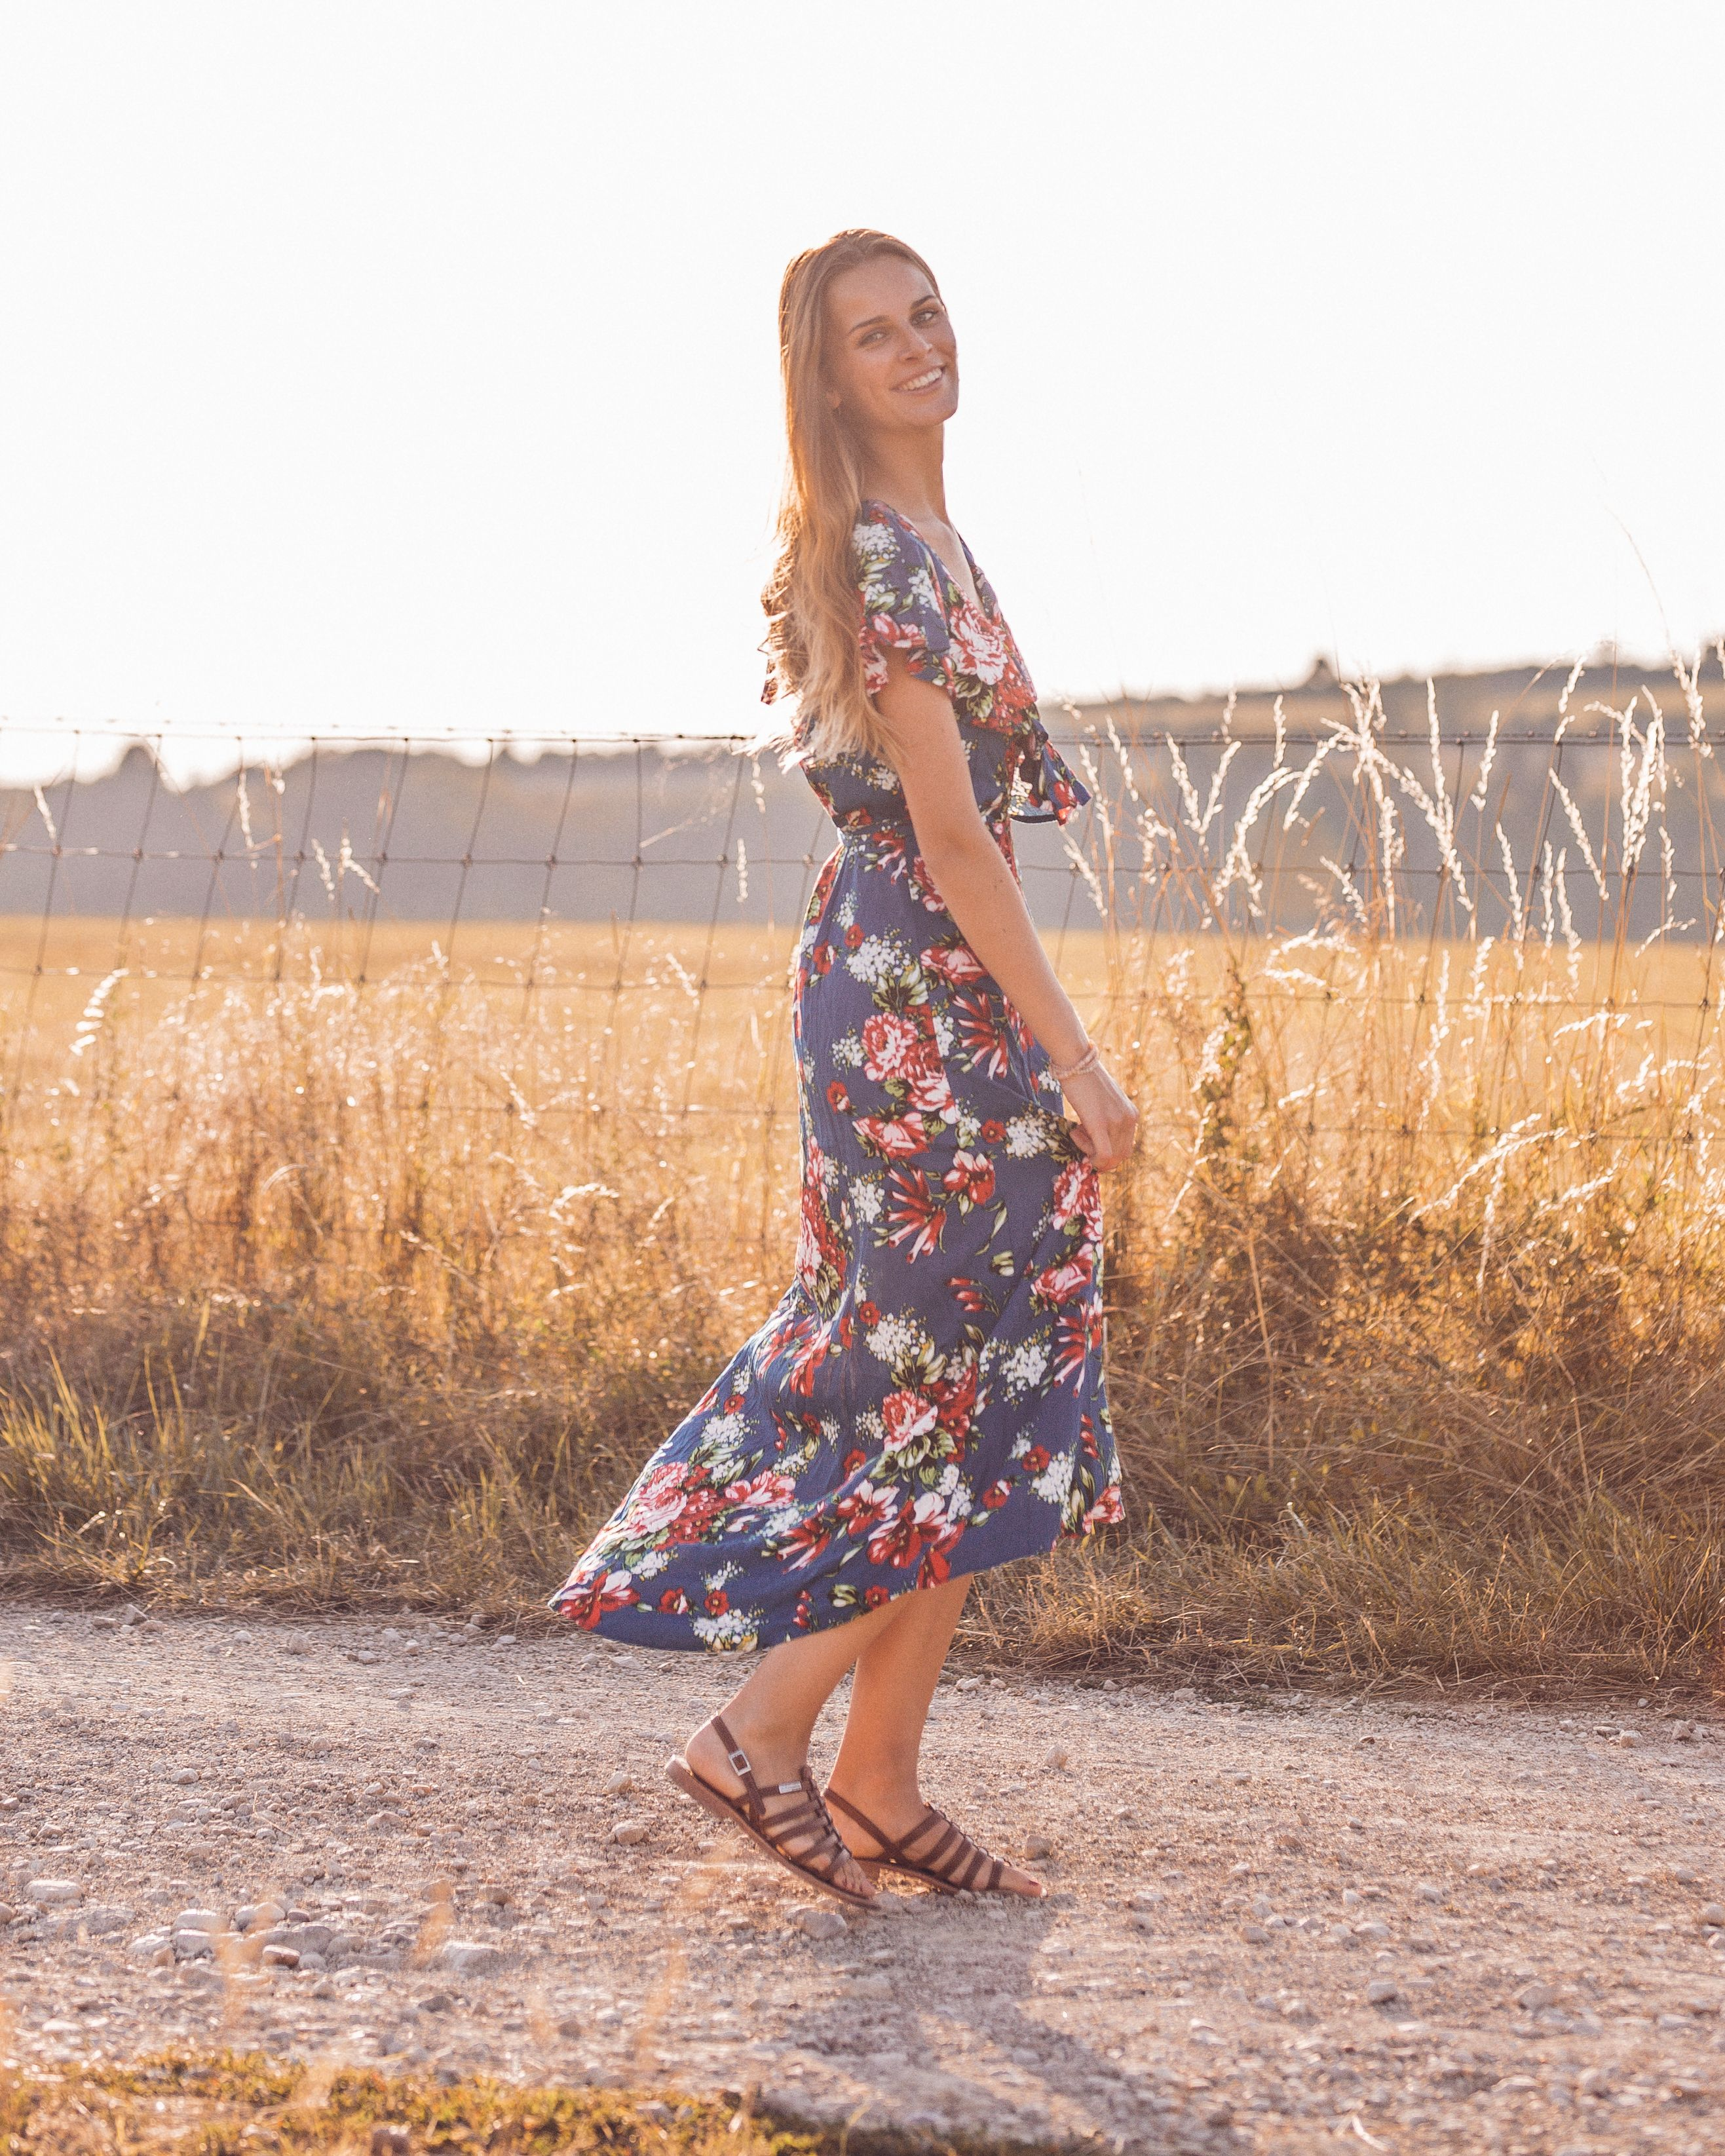 gute Textur rationelle Konstruktion Luxus-Ästhetik Asymmetrisches Blumen-Wickelkleid mit Volant. Sommerkleid ...